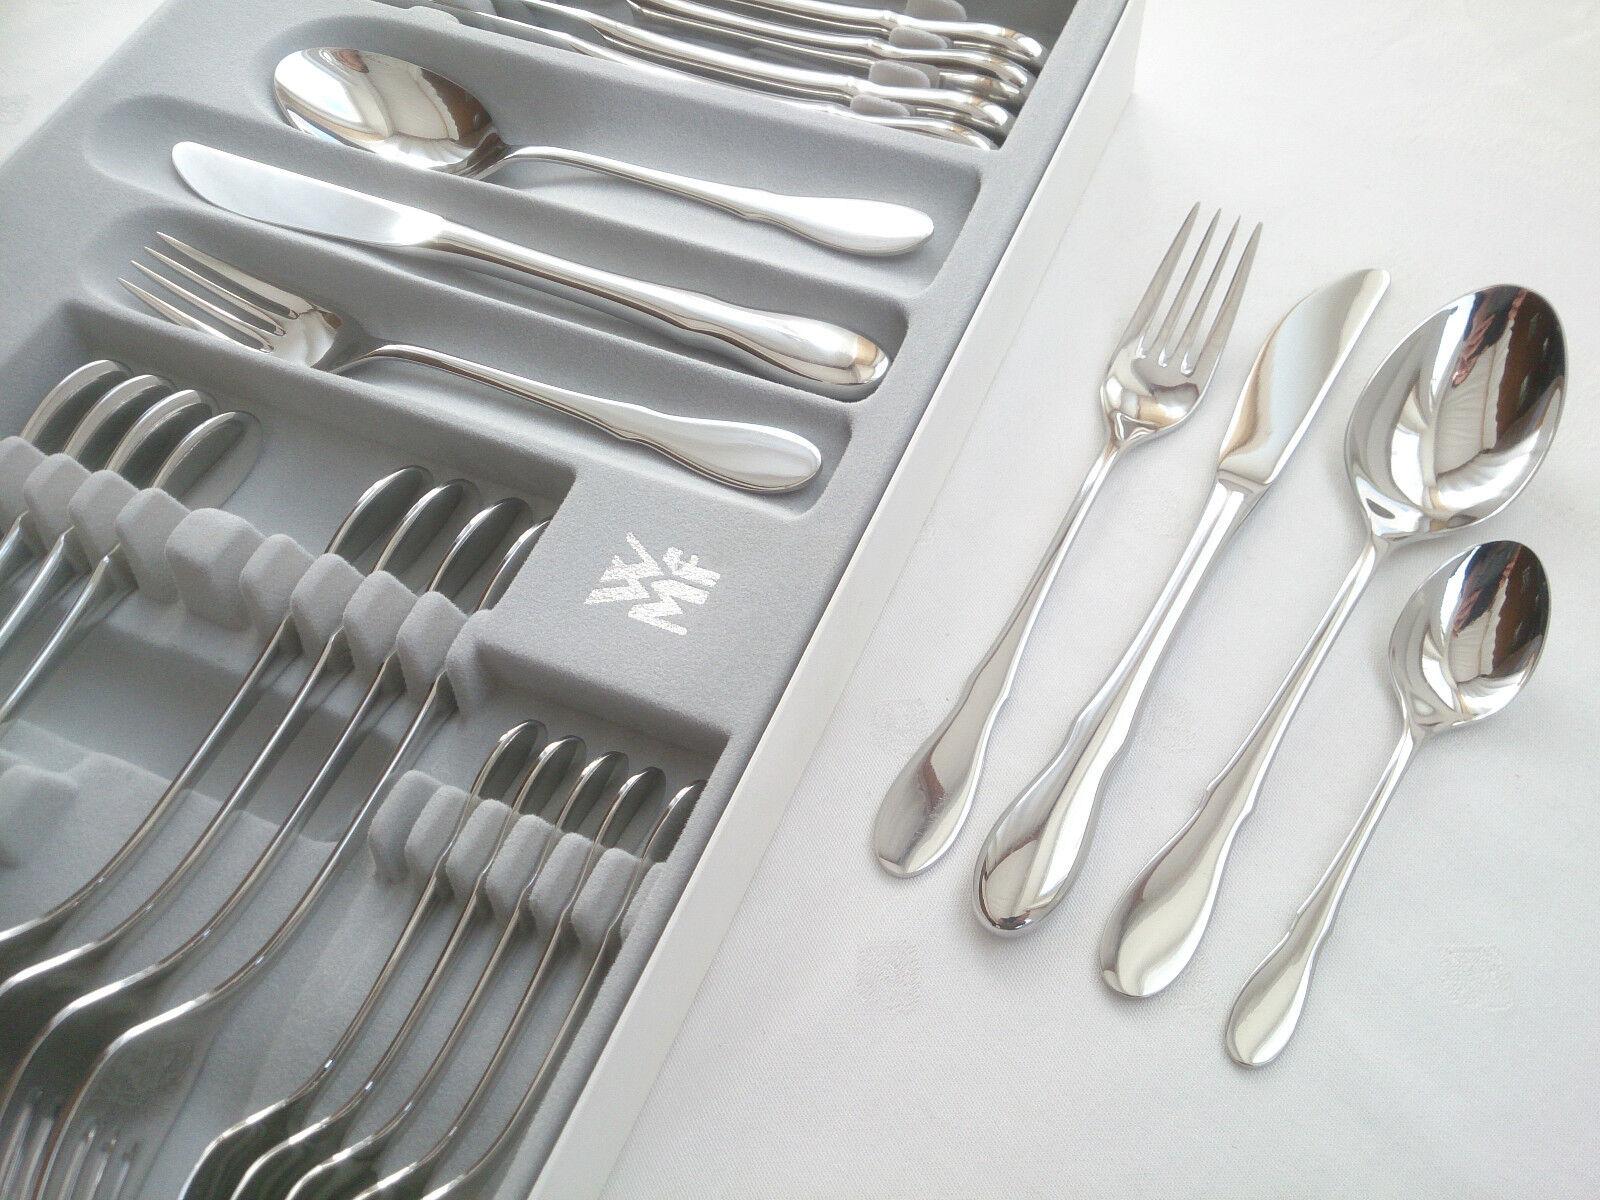 WMF MITTENWALD Cromargan 6 P. 24 pièces couteau fourchette cuillère café cuillère NEUF